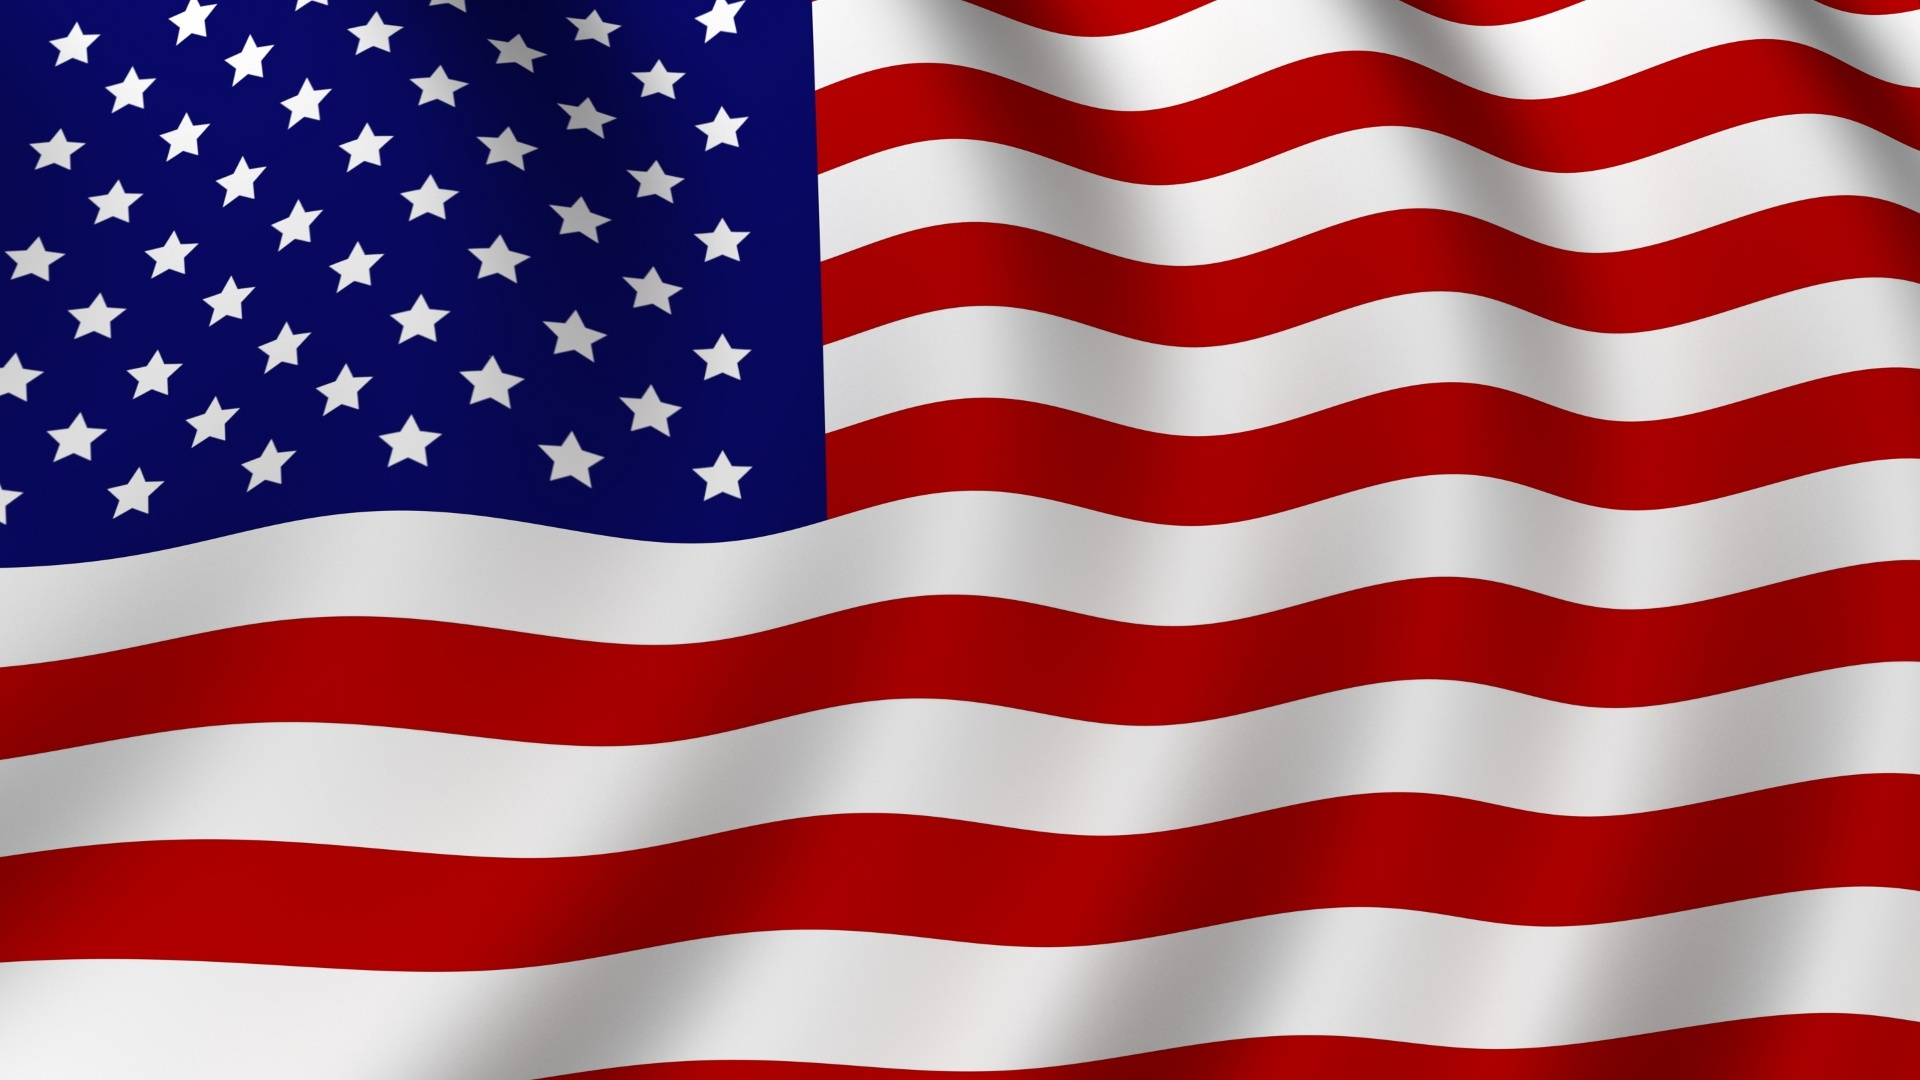 أسعار الواردات الأمريكية تفوق التوقعات